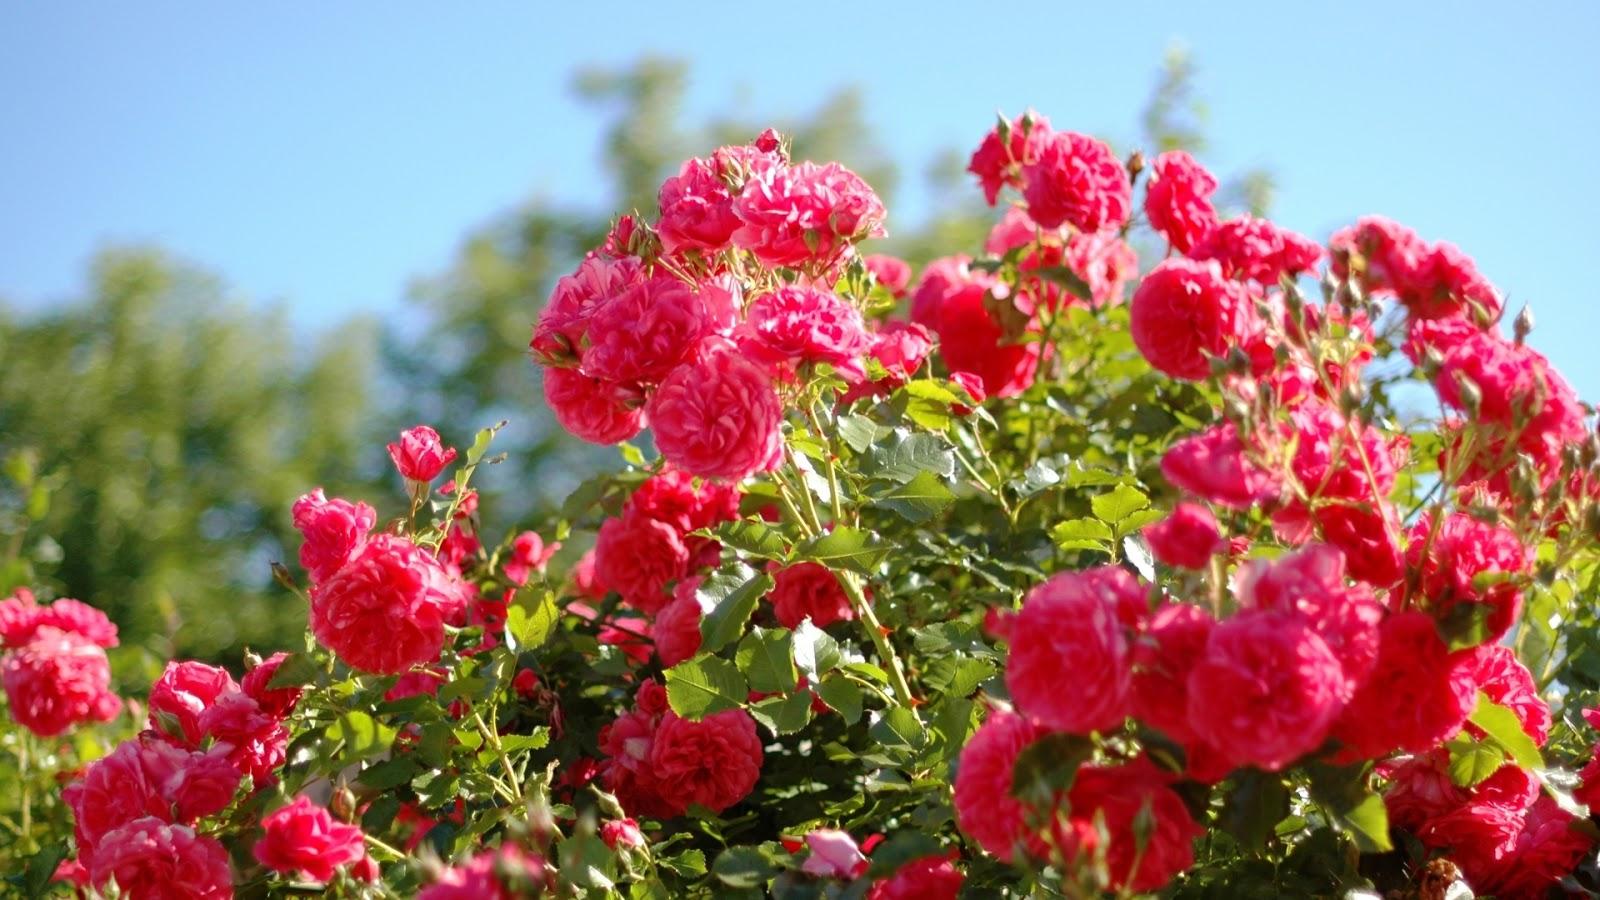 Pink Rose Garden Wallpaper beautiful rose garden wallpaper - home design ideas